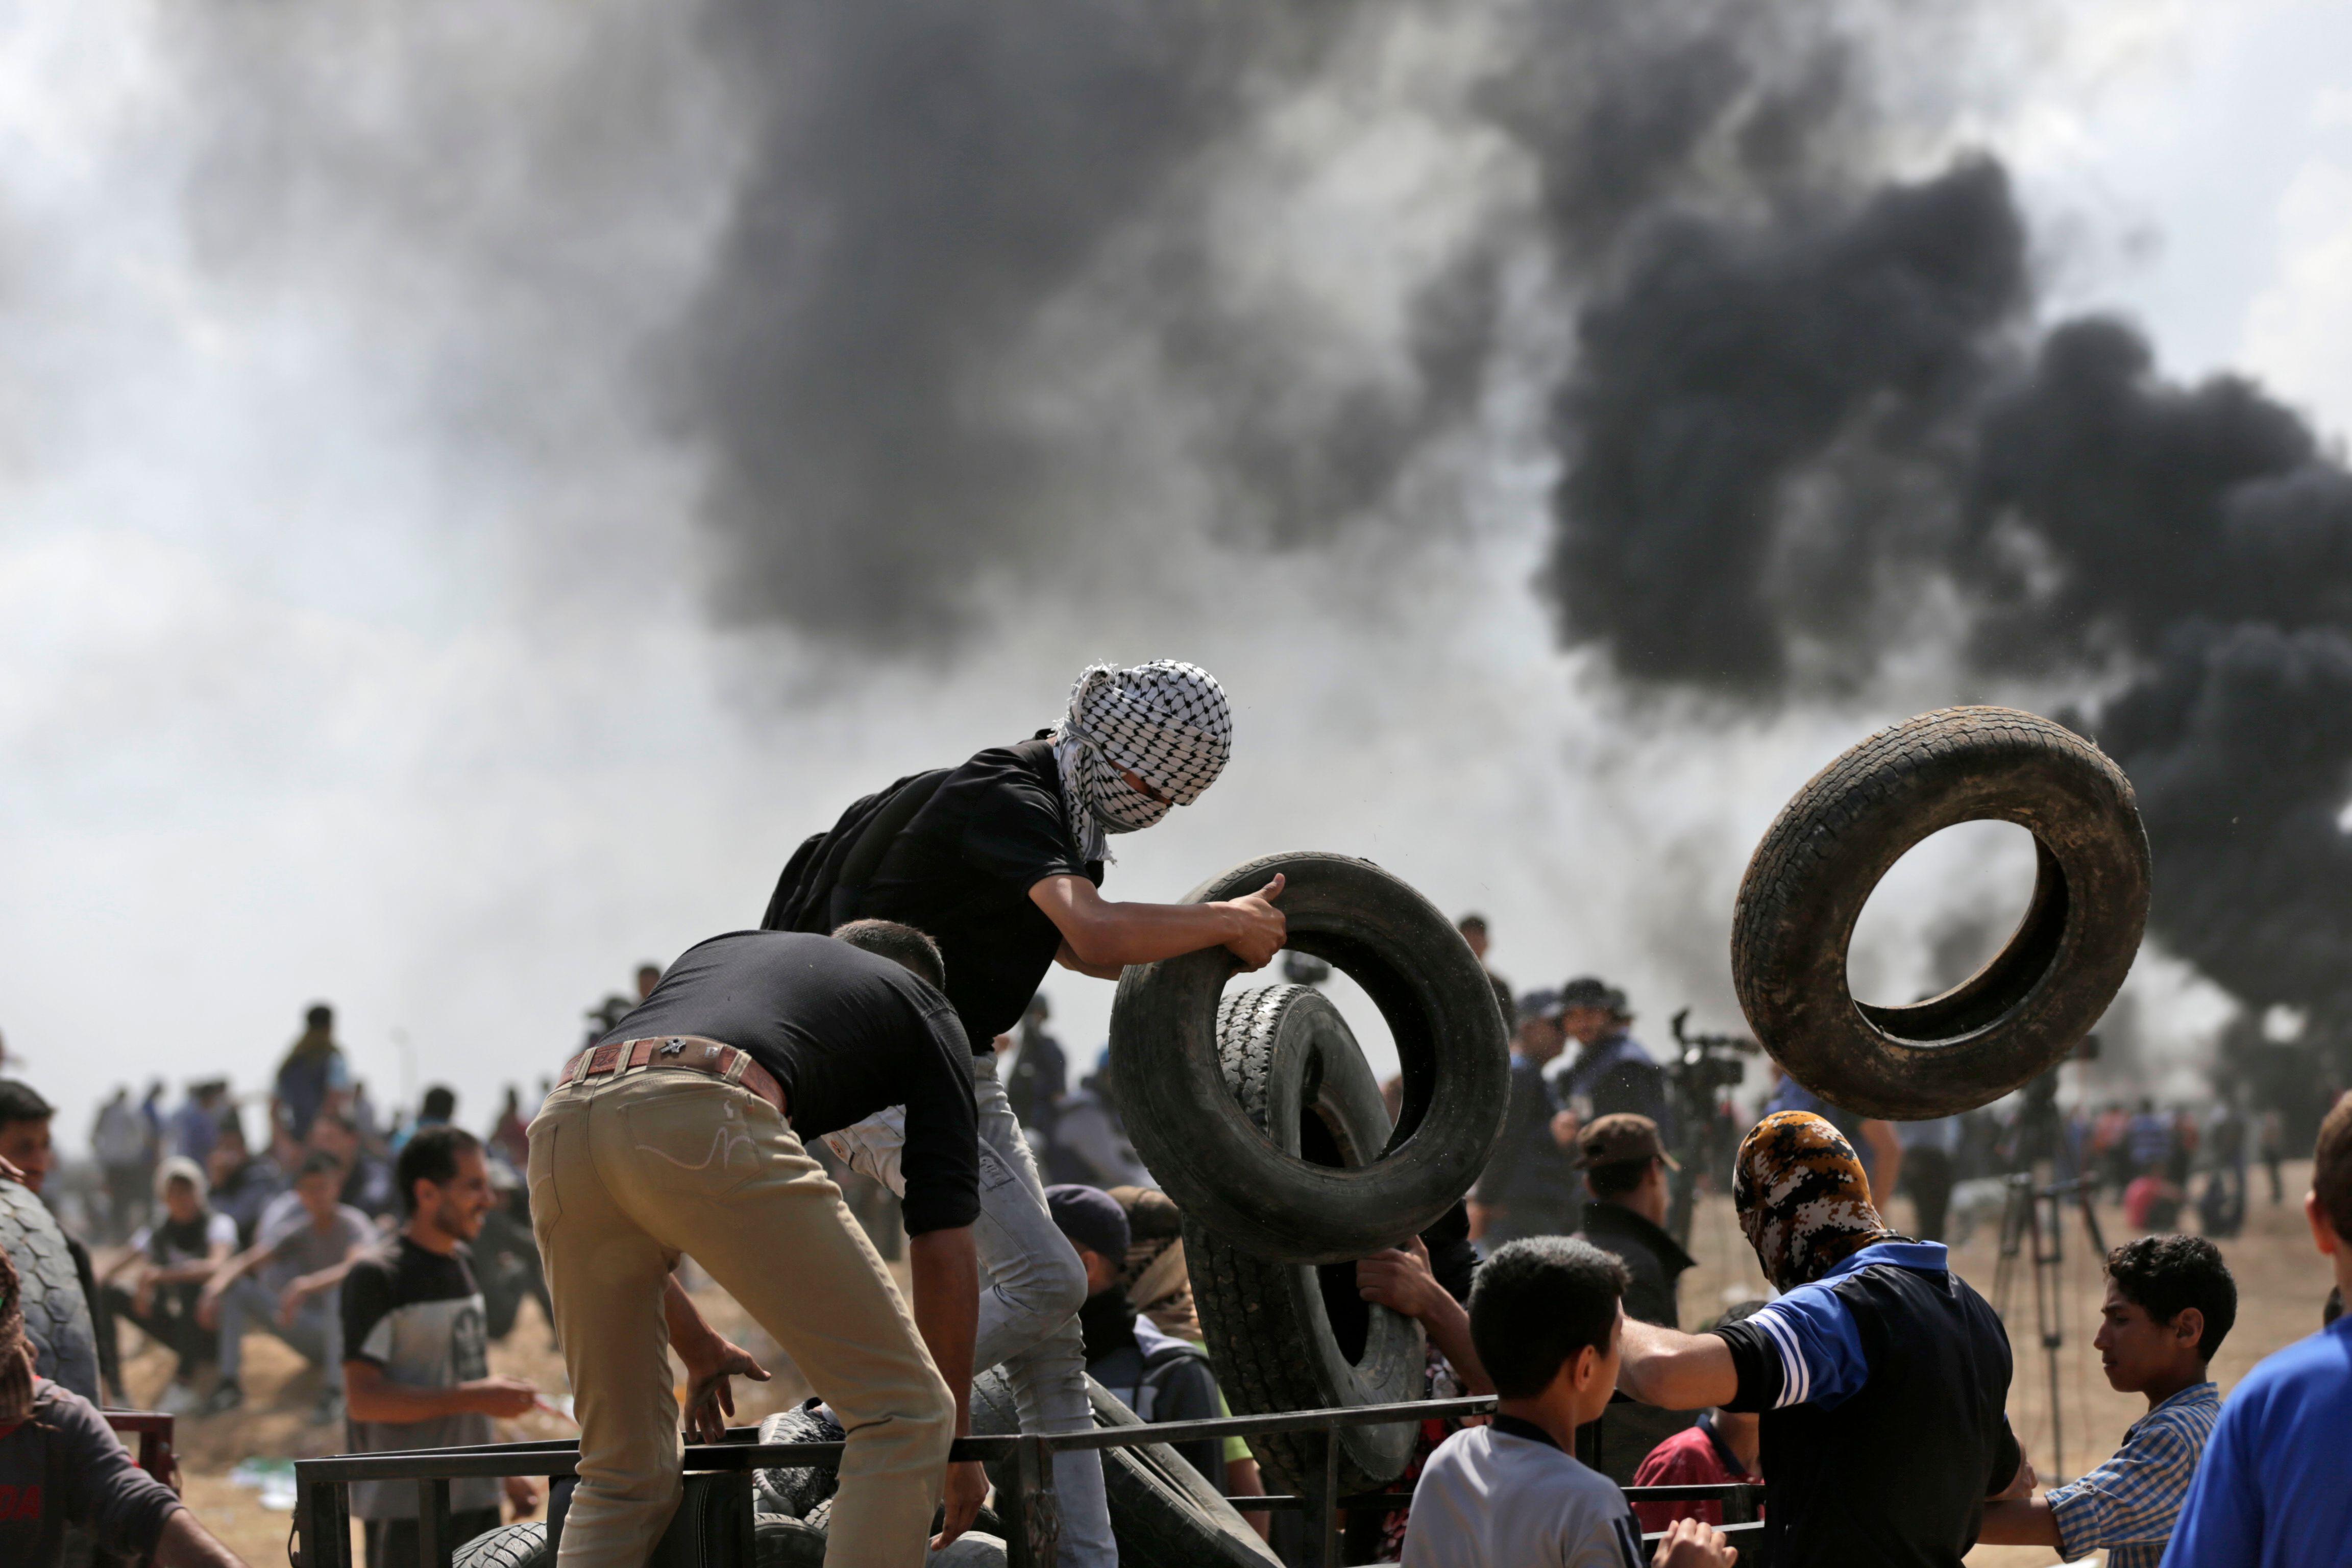 اشعال النيران فى اطارات الكاوتش على حدود غزة